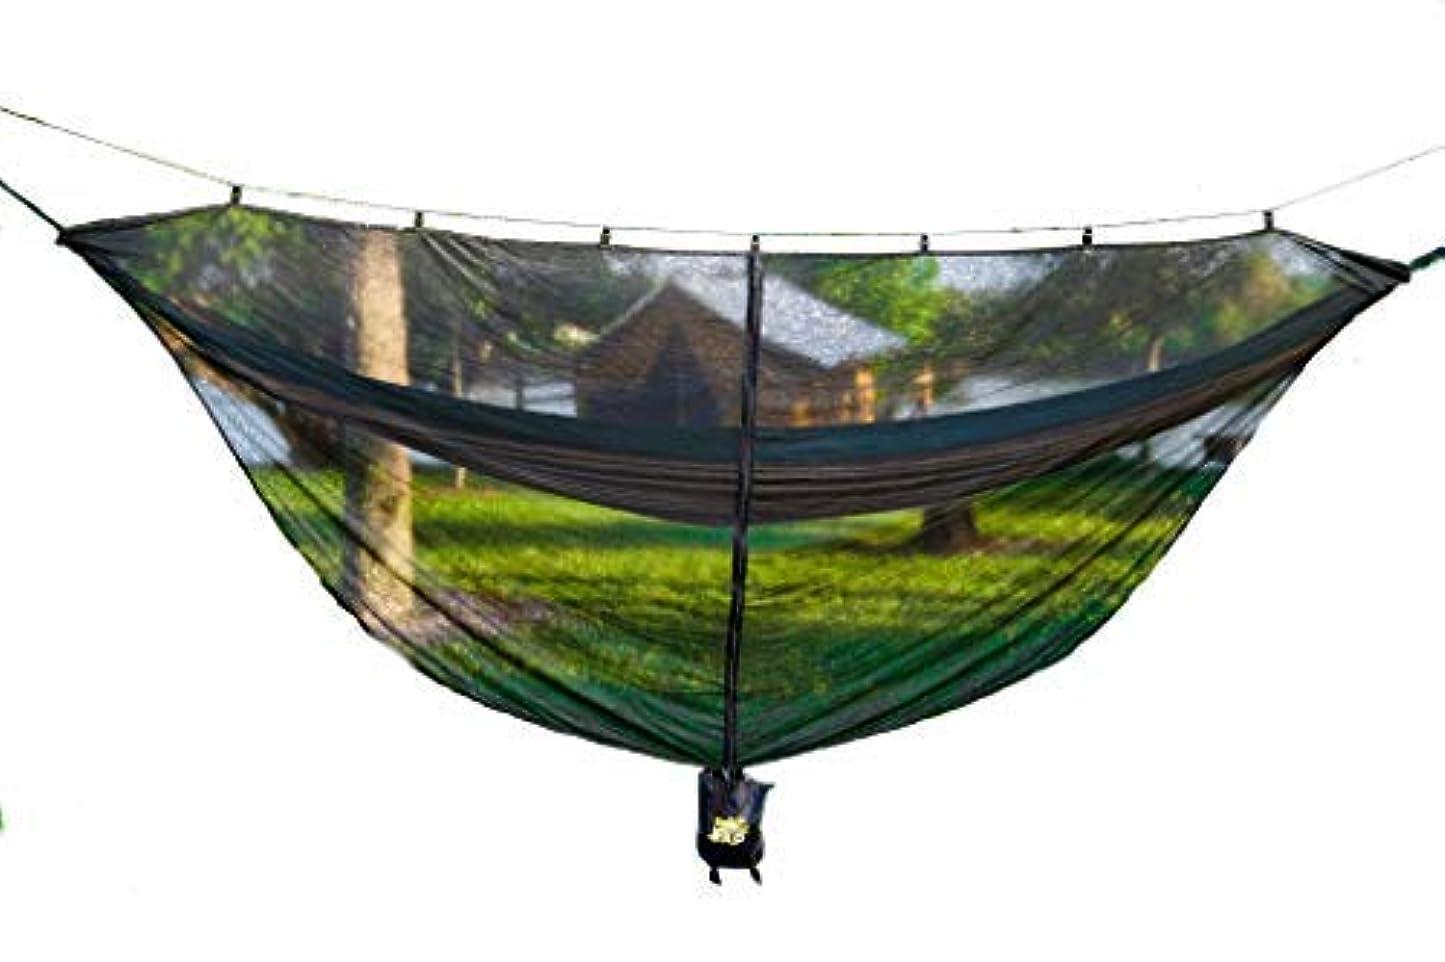 消す引き付けるハーネスSunshyne Pro Hammock Bug Net 12 ft Large Mosquito Netting Compatible with All Outdoor Camping Hammock Brands - Portable Anti-Insect Mesh Fits Single and Double Hammocks - Protector from All Bugs [並行輸入品]